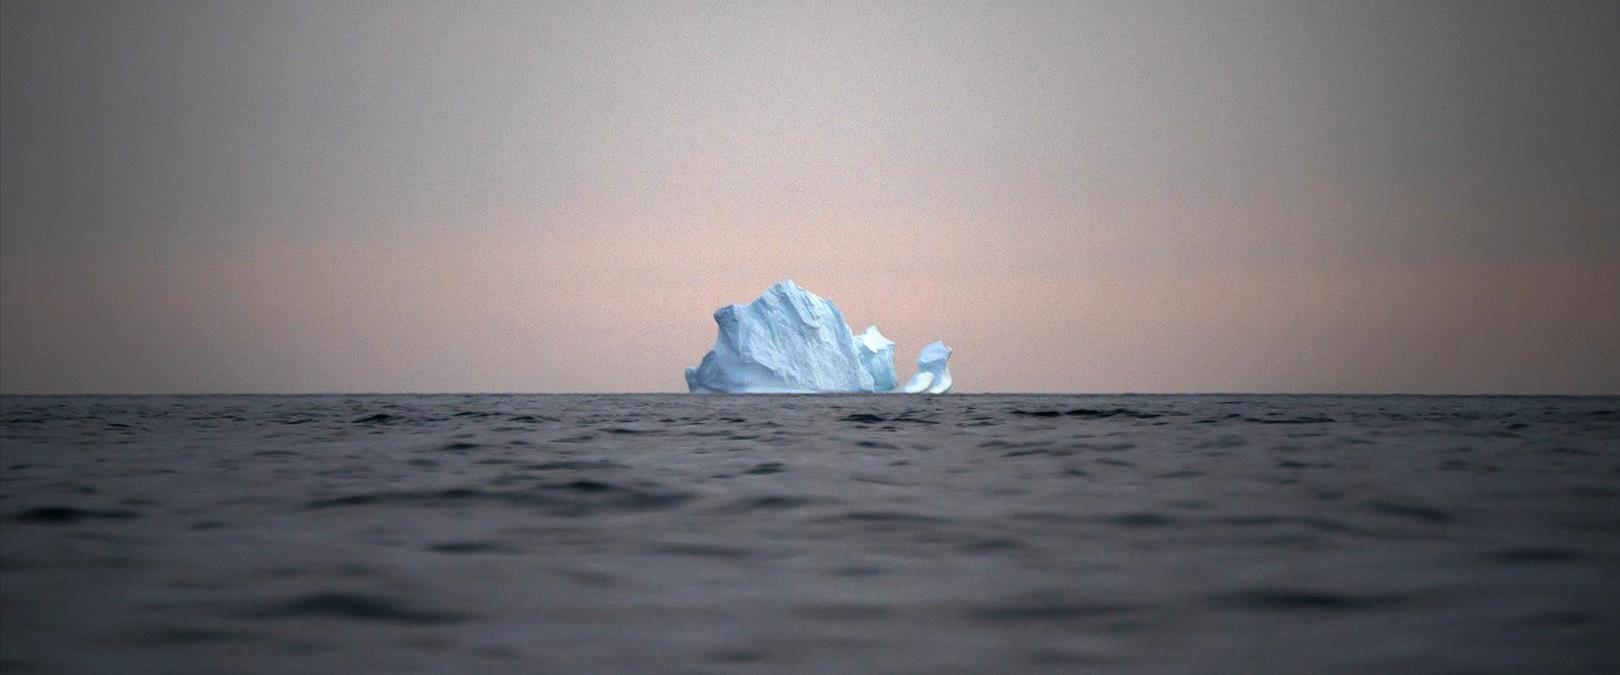 קרחון שהתנתק בגרינלנד, ארכיון